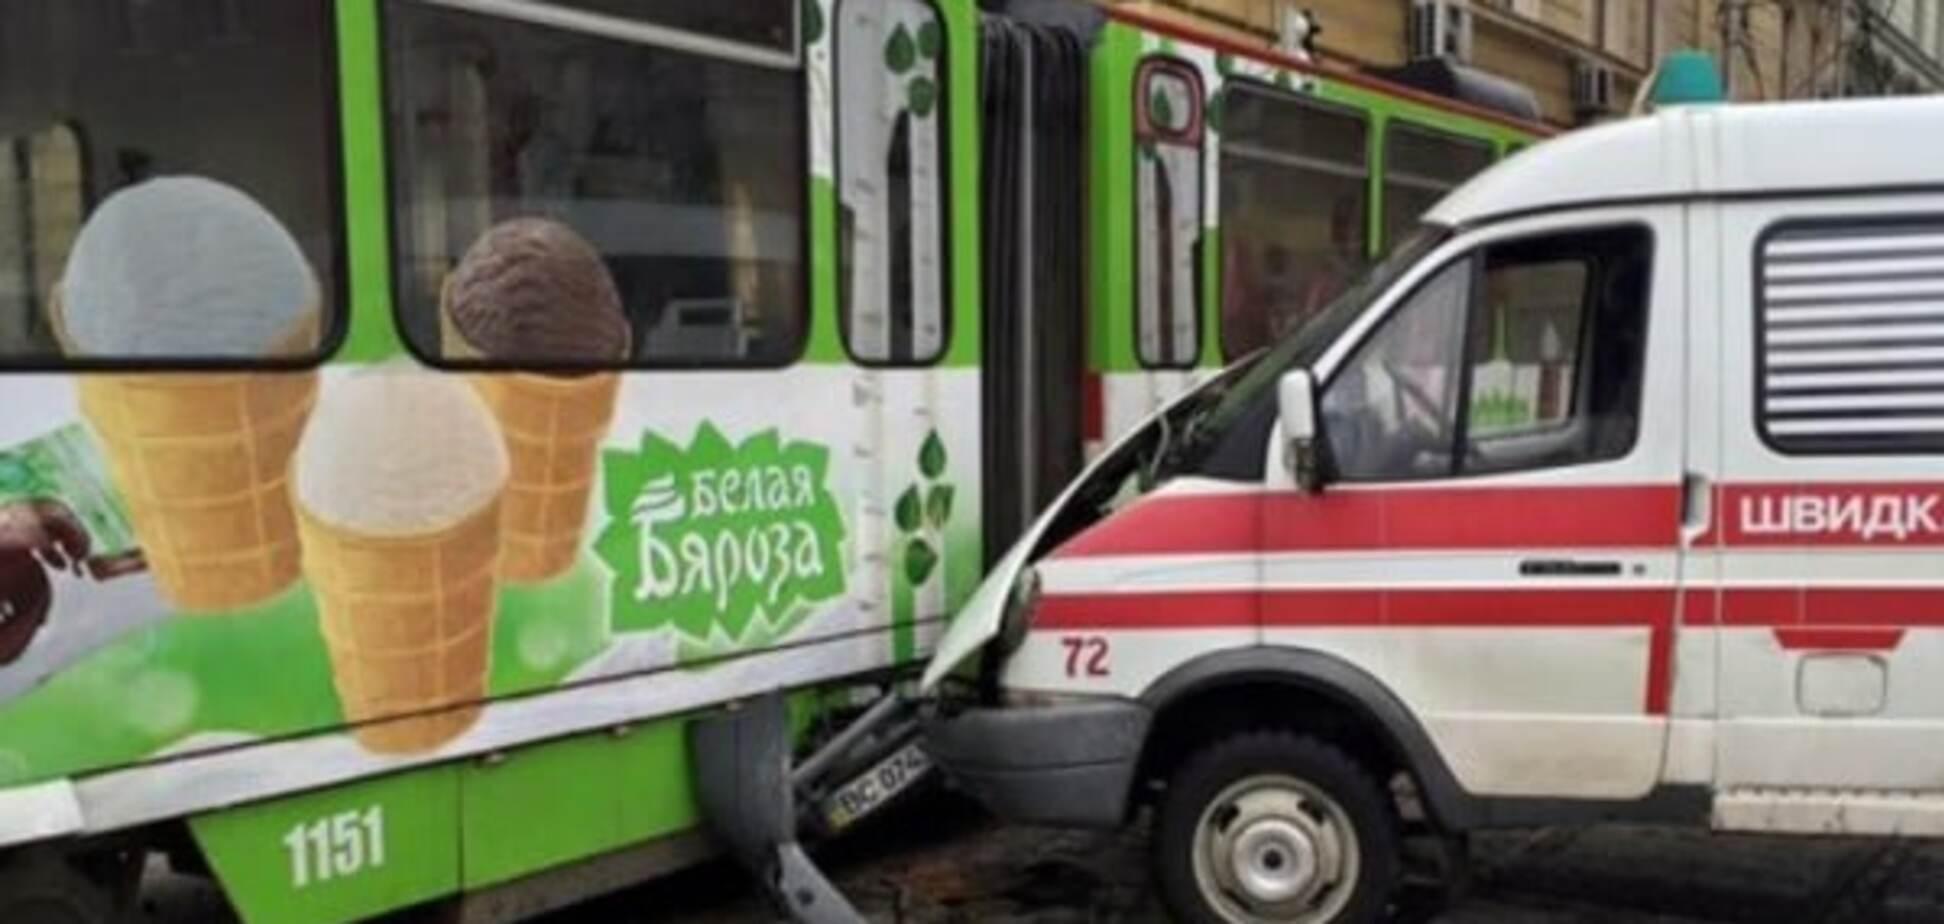 Во Львове скорая протаранила трамвай: опубликованы фото